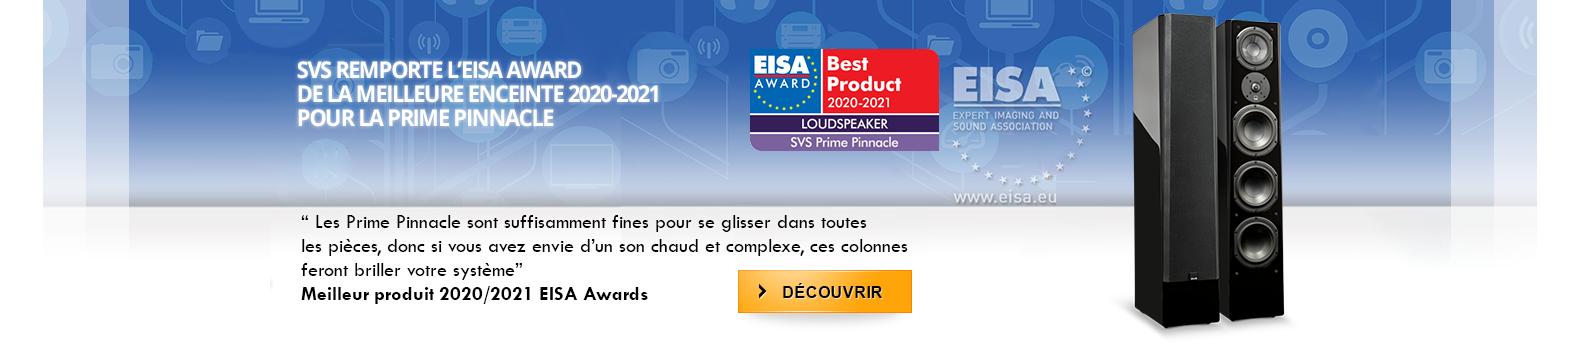 SVS remporte l'EISA award de la meilleur enceinte 2020-2021